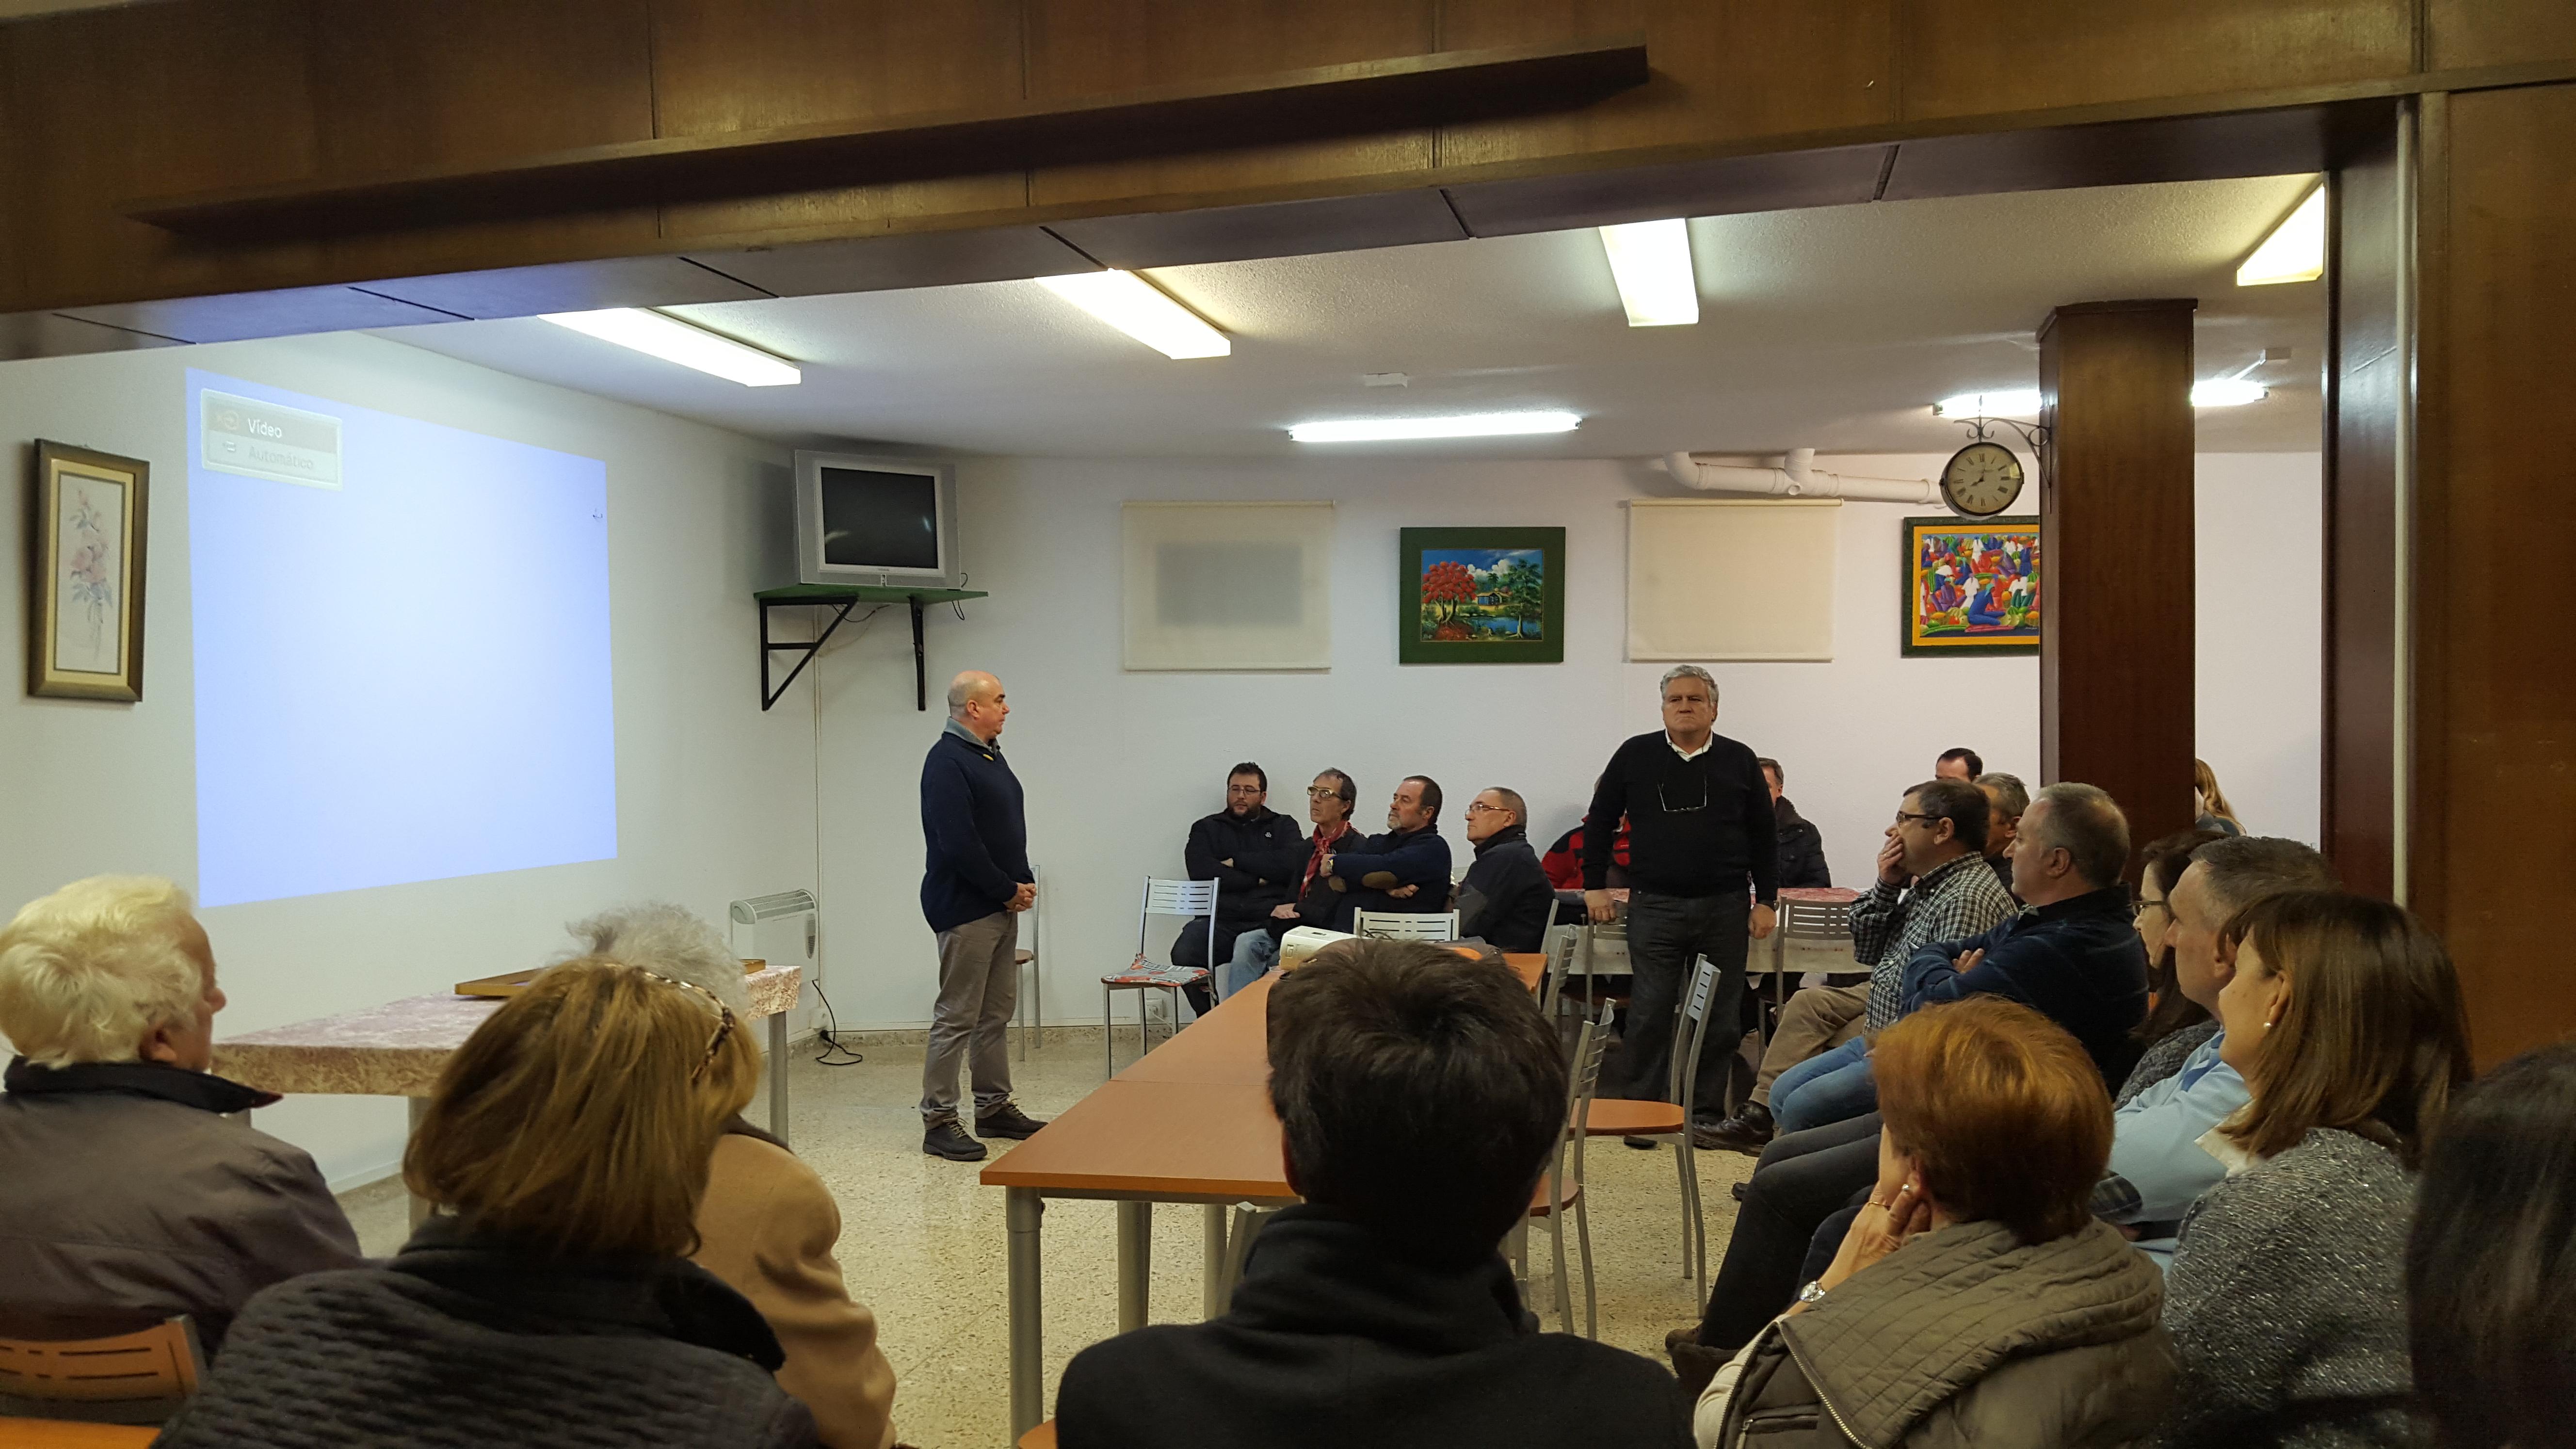 La reunión se ha llevado a cabo en el Hogar San Pablo de Cueto.